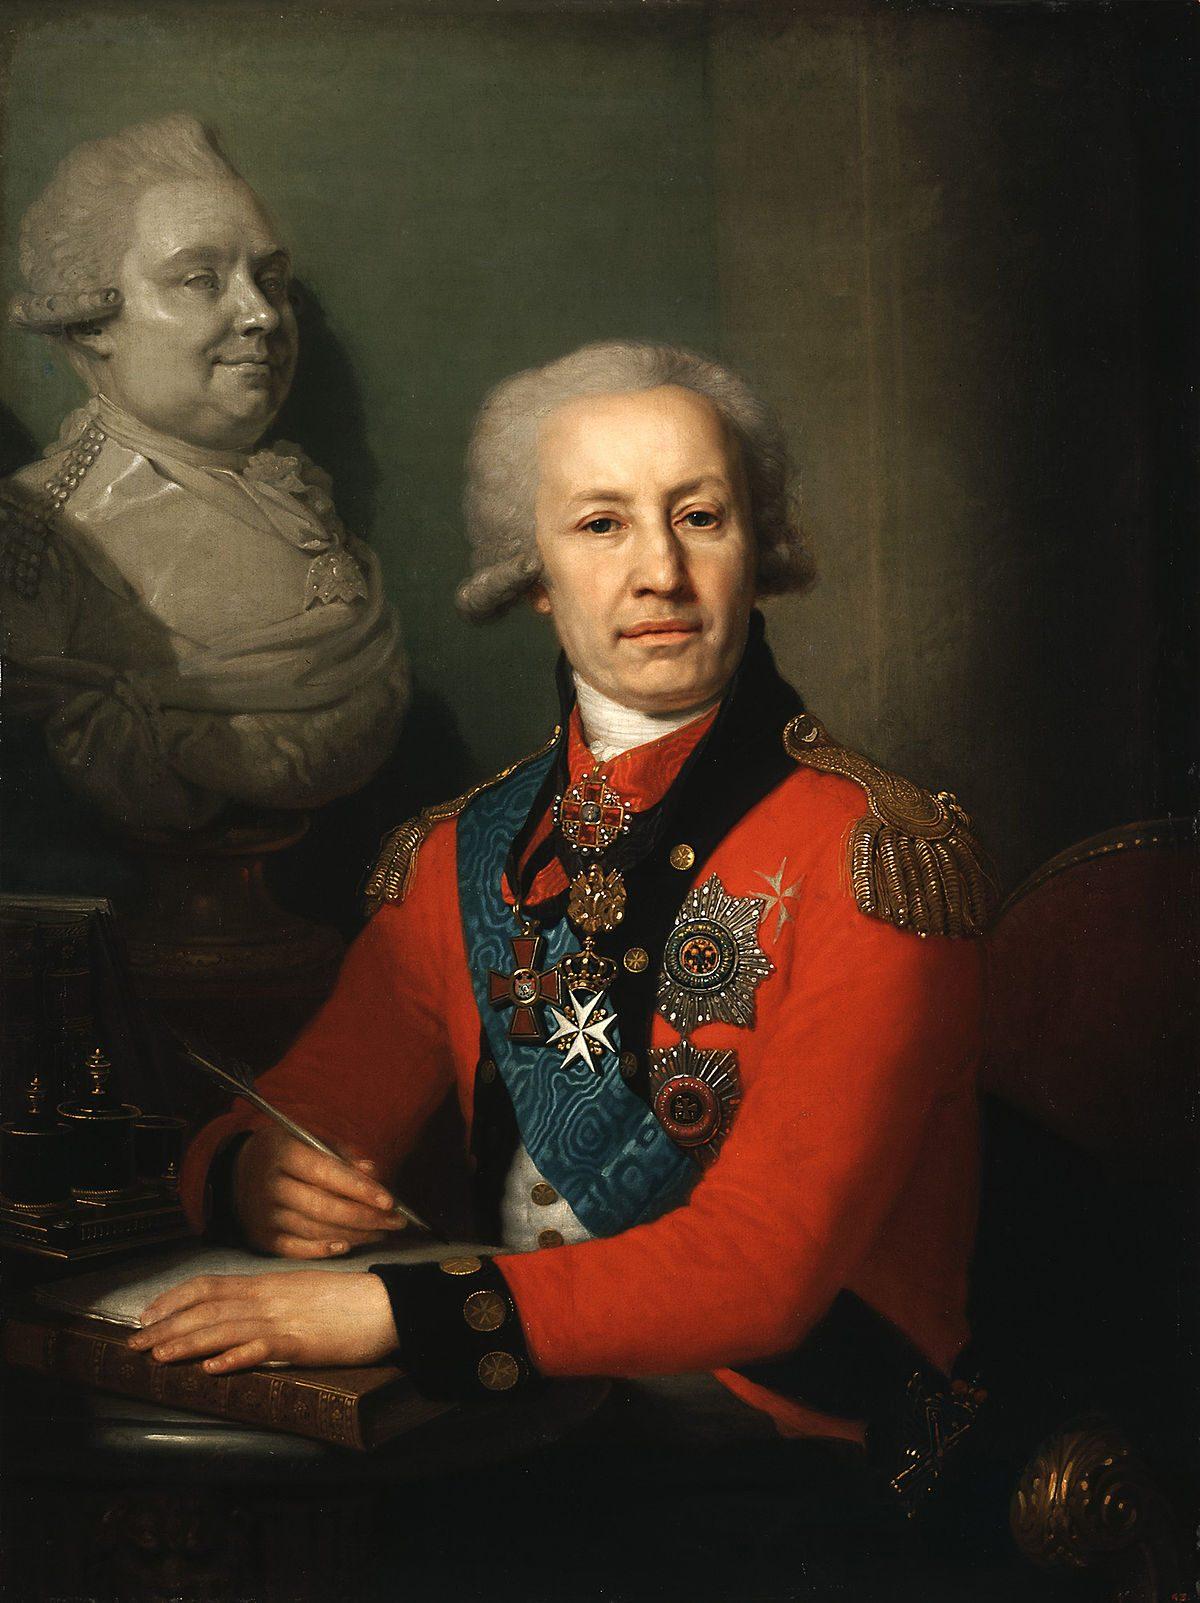 17 февраля 1742 года родился Алексей Иванович Васильев, тайный советник, главный директор Медицинской коллегии с 1793 по 1800 год.